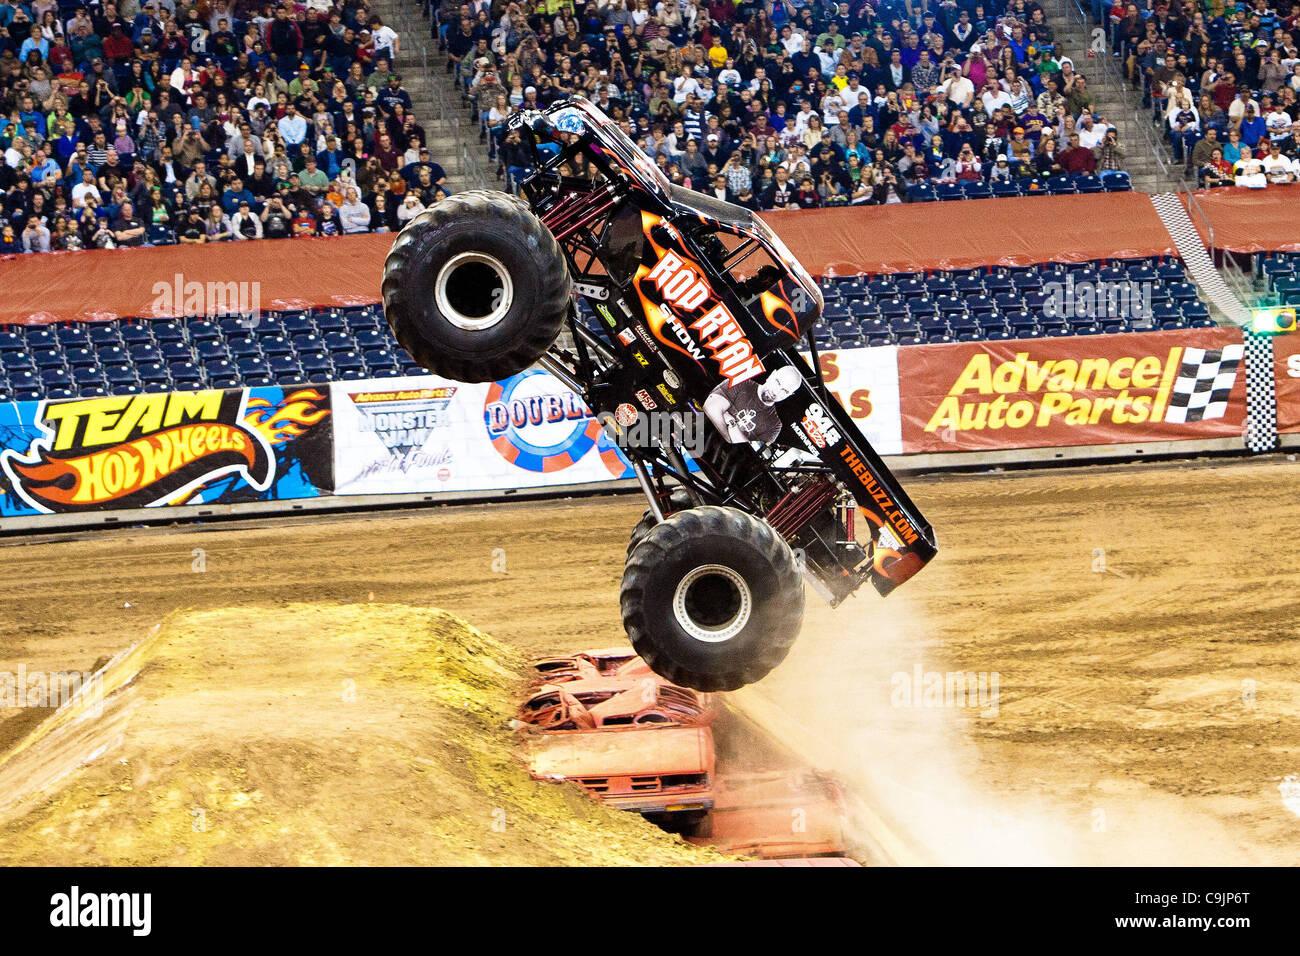 Monster Jam Freestyle Stock Photos Monster Jam Freestyle Stock - Monster car show houston tx